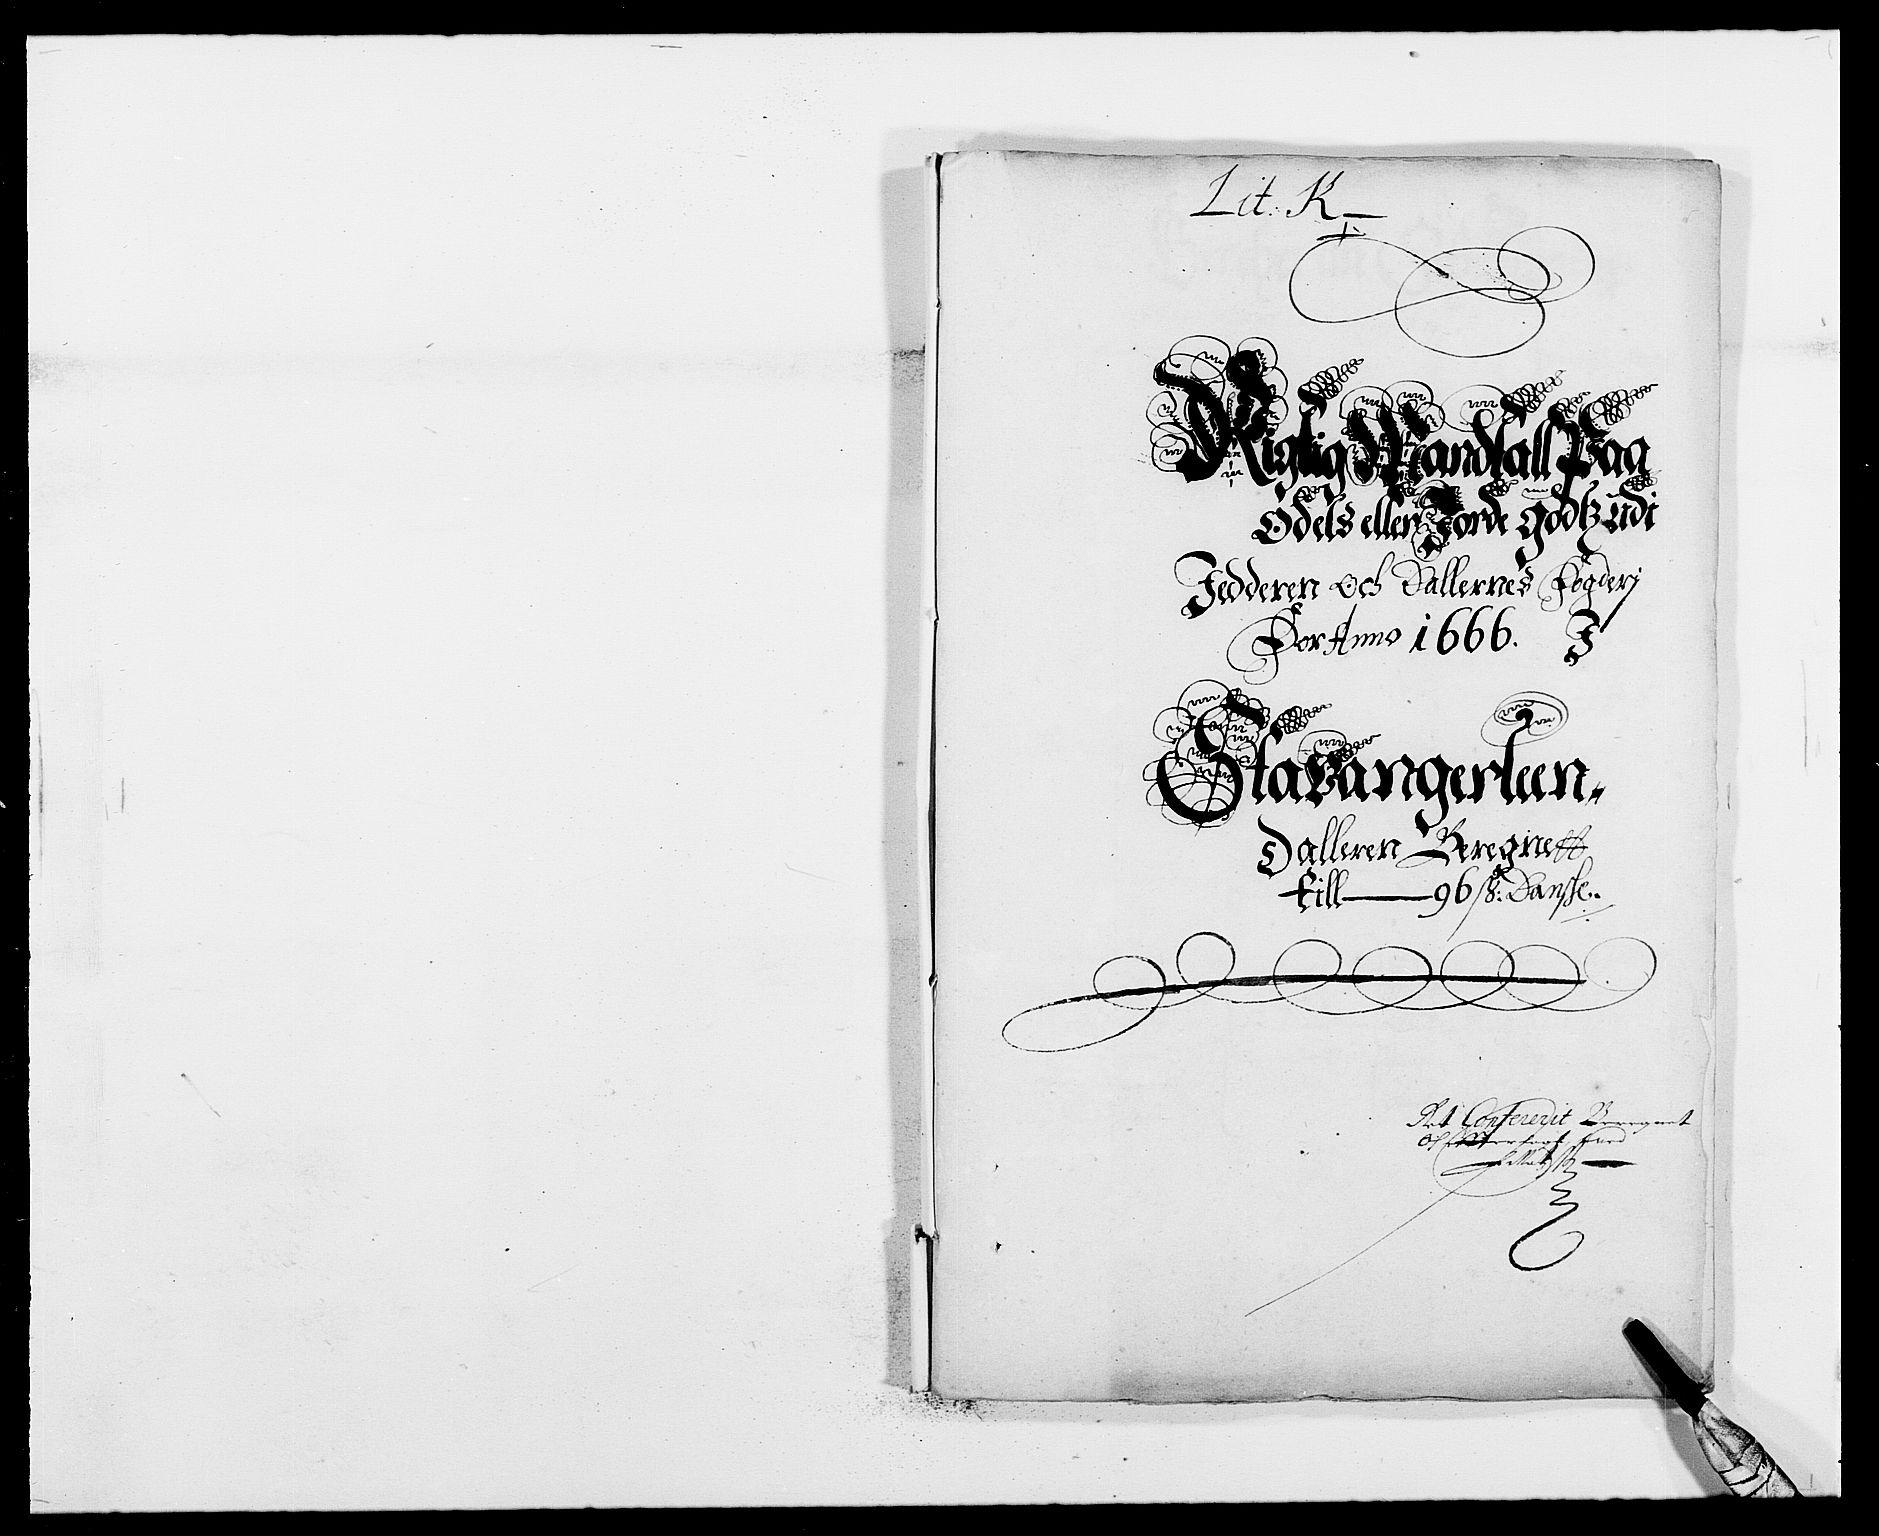 RA, Rentekammeret inntil 1814, Reviderte regnskaper, Fogderegnskap, R46/L2709: Fogderegnskap Jæren og Dalane, 1665-1667, s. 334